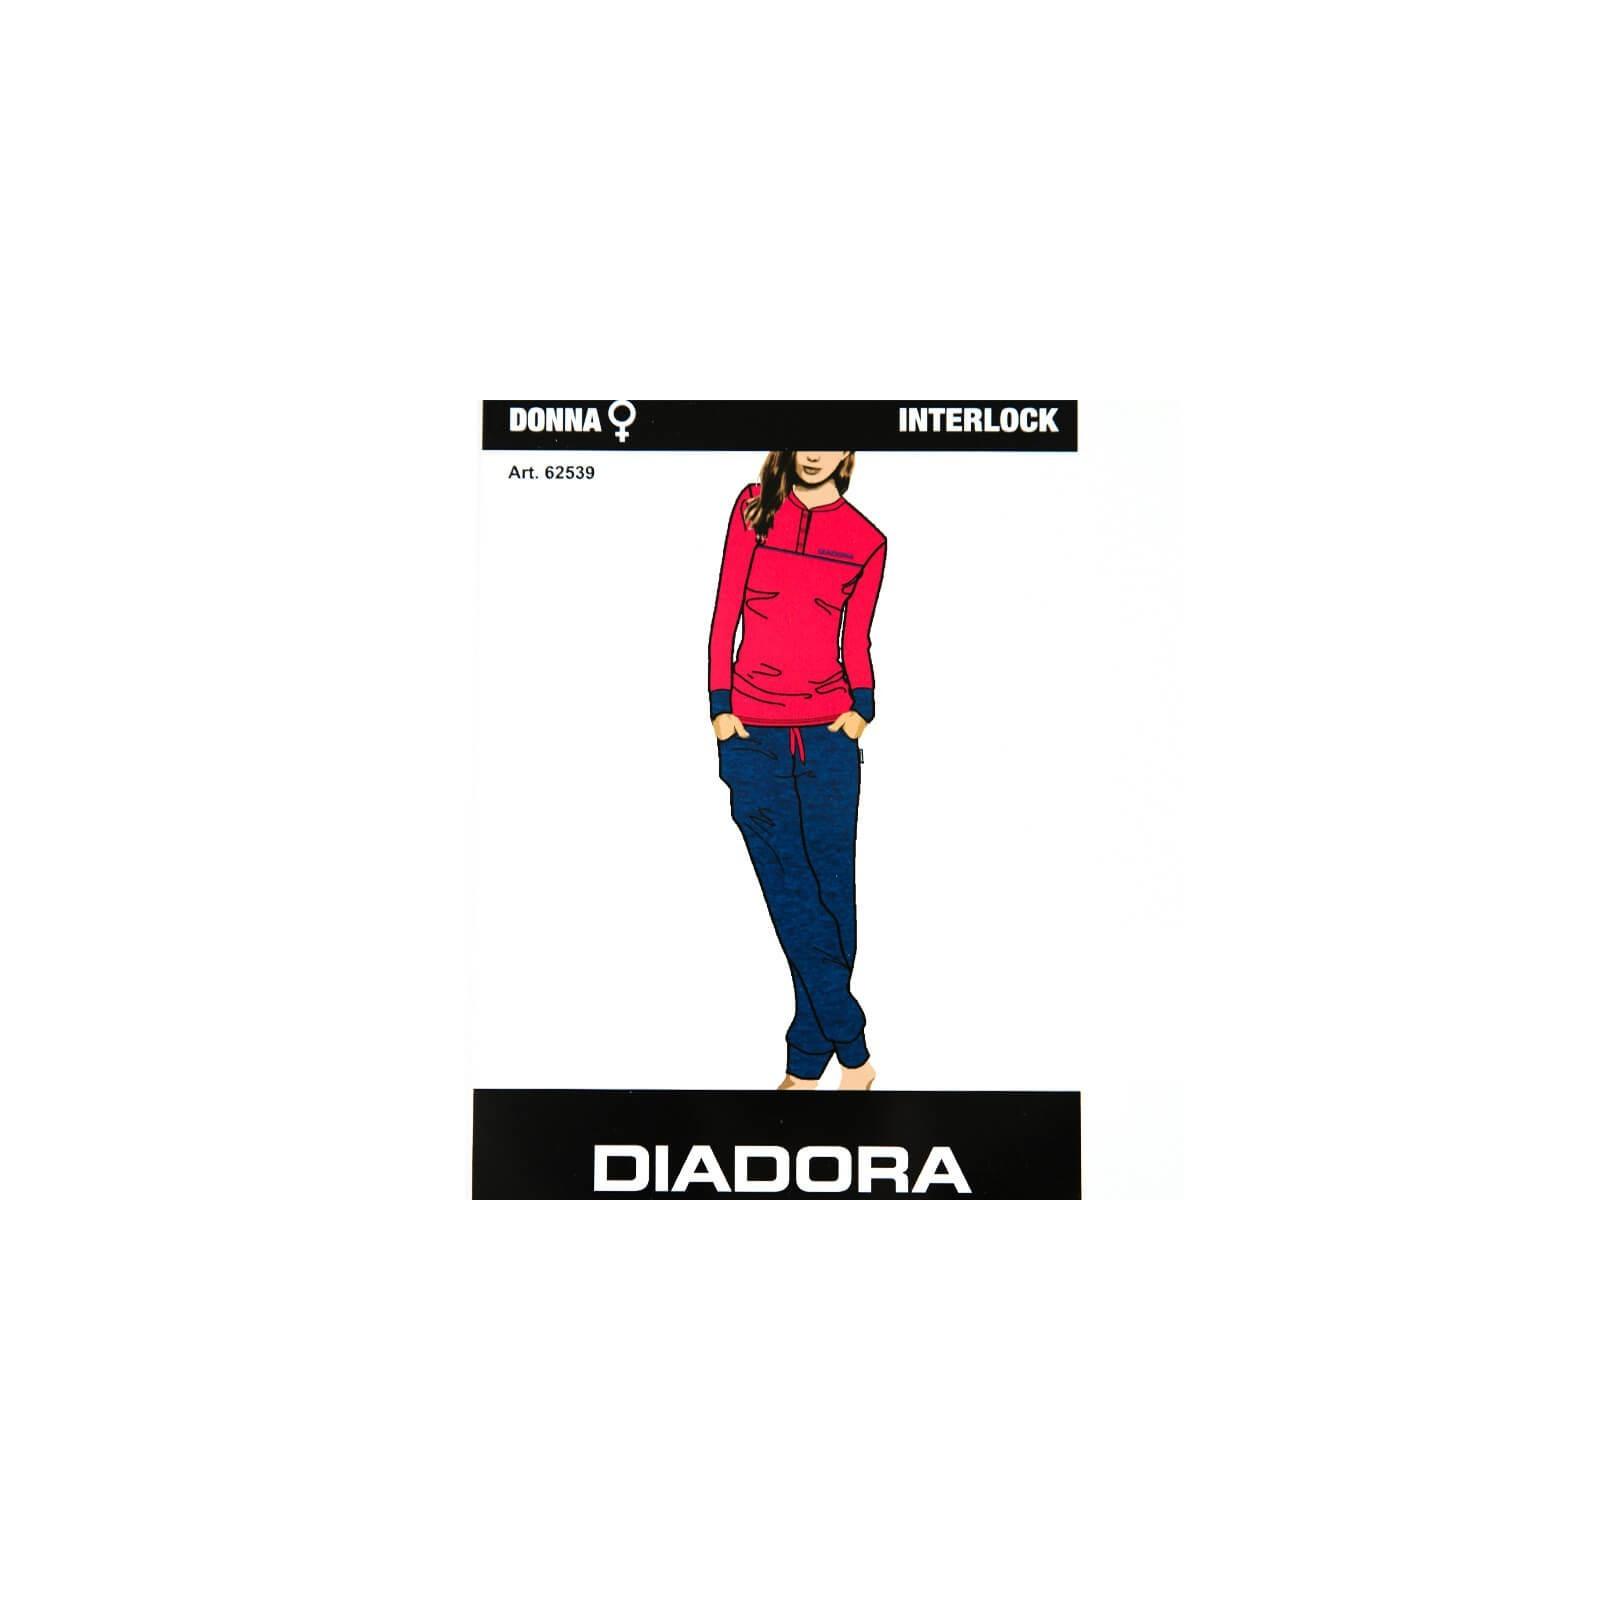 0e20733d7949 DIADORA pigiama donna interlock art. 62539 - LADY C